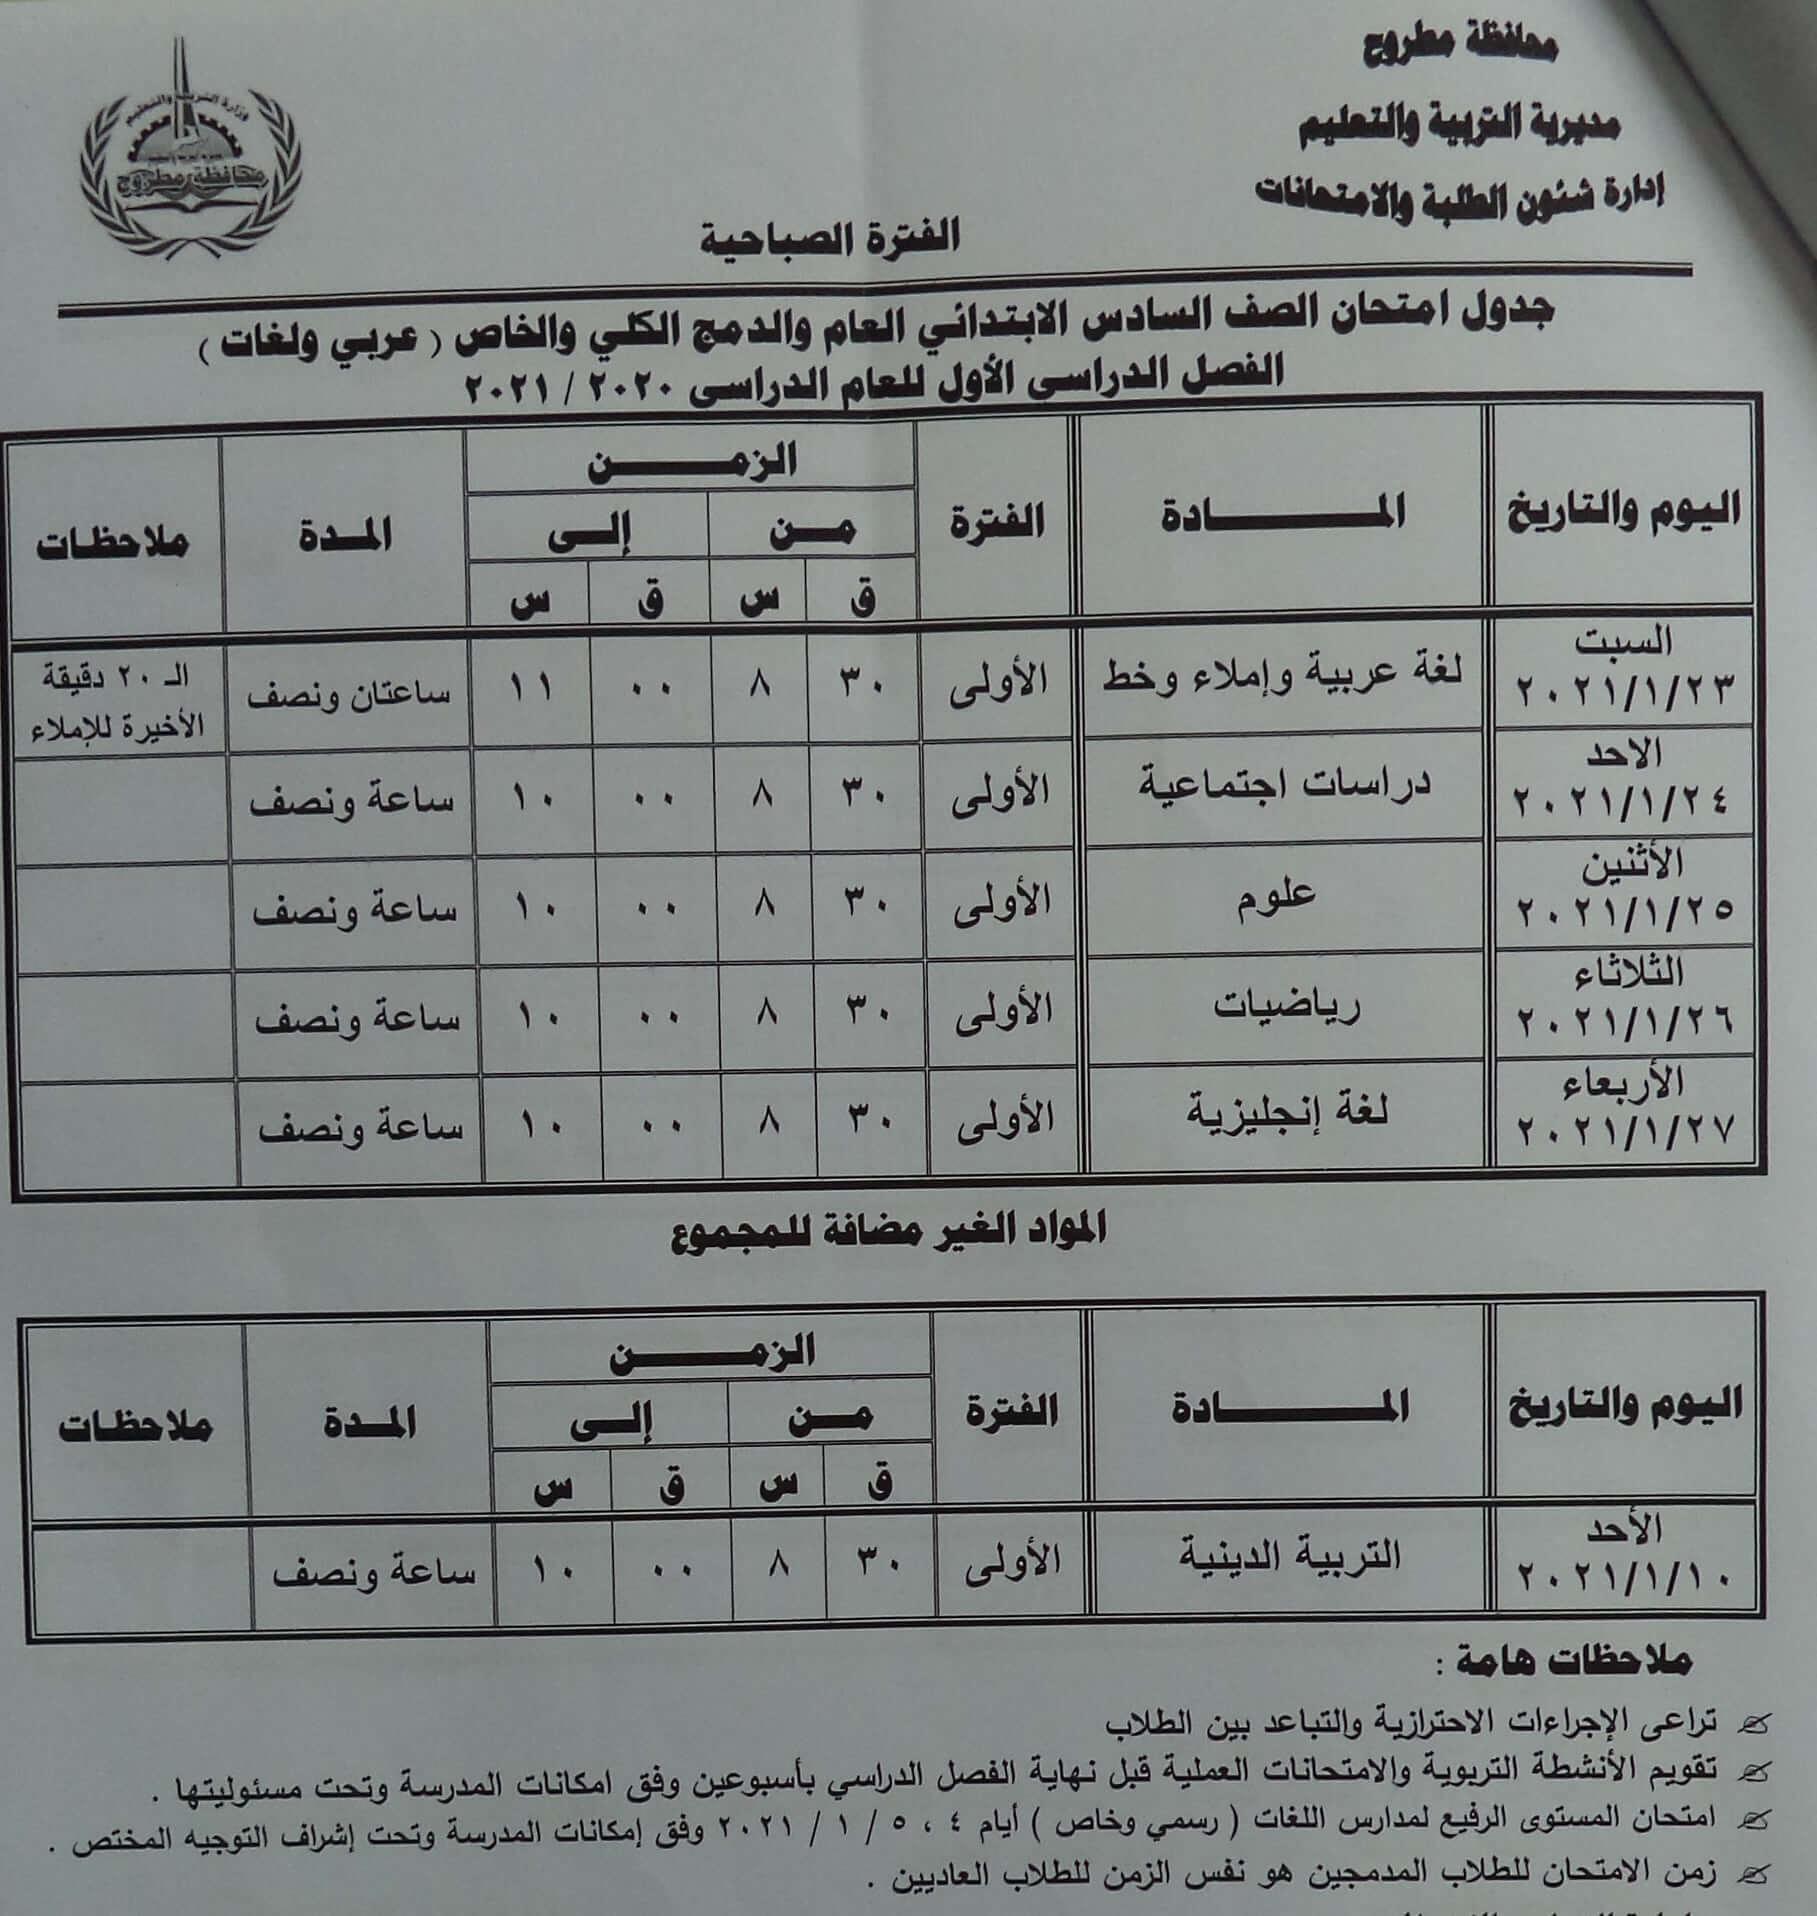 جدول امتحانات الصف السادس الابتدائي نصف العام محافظة مطروح 2021 1